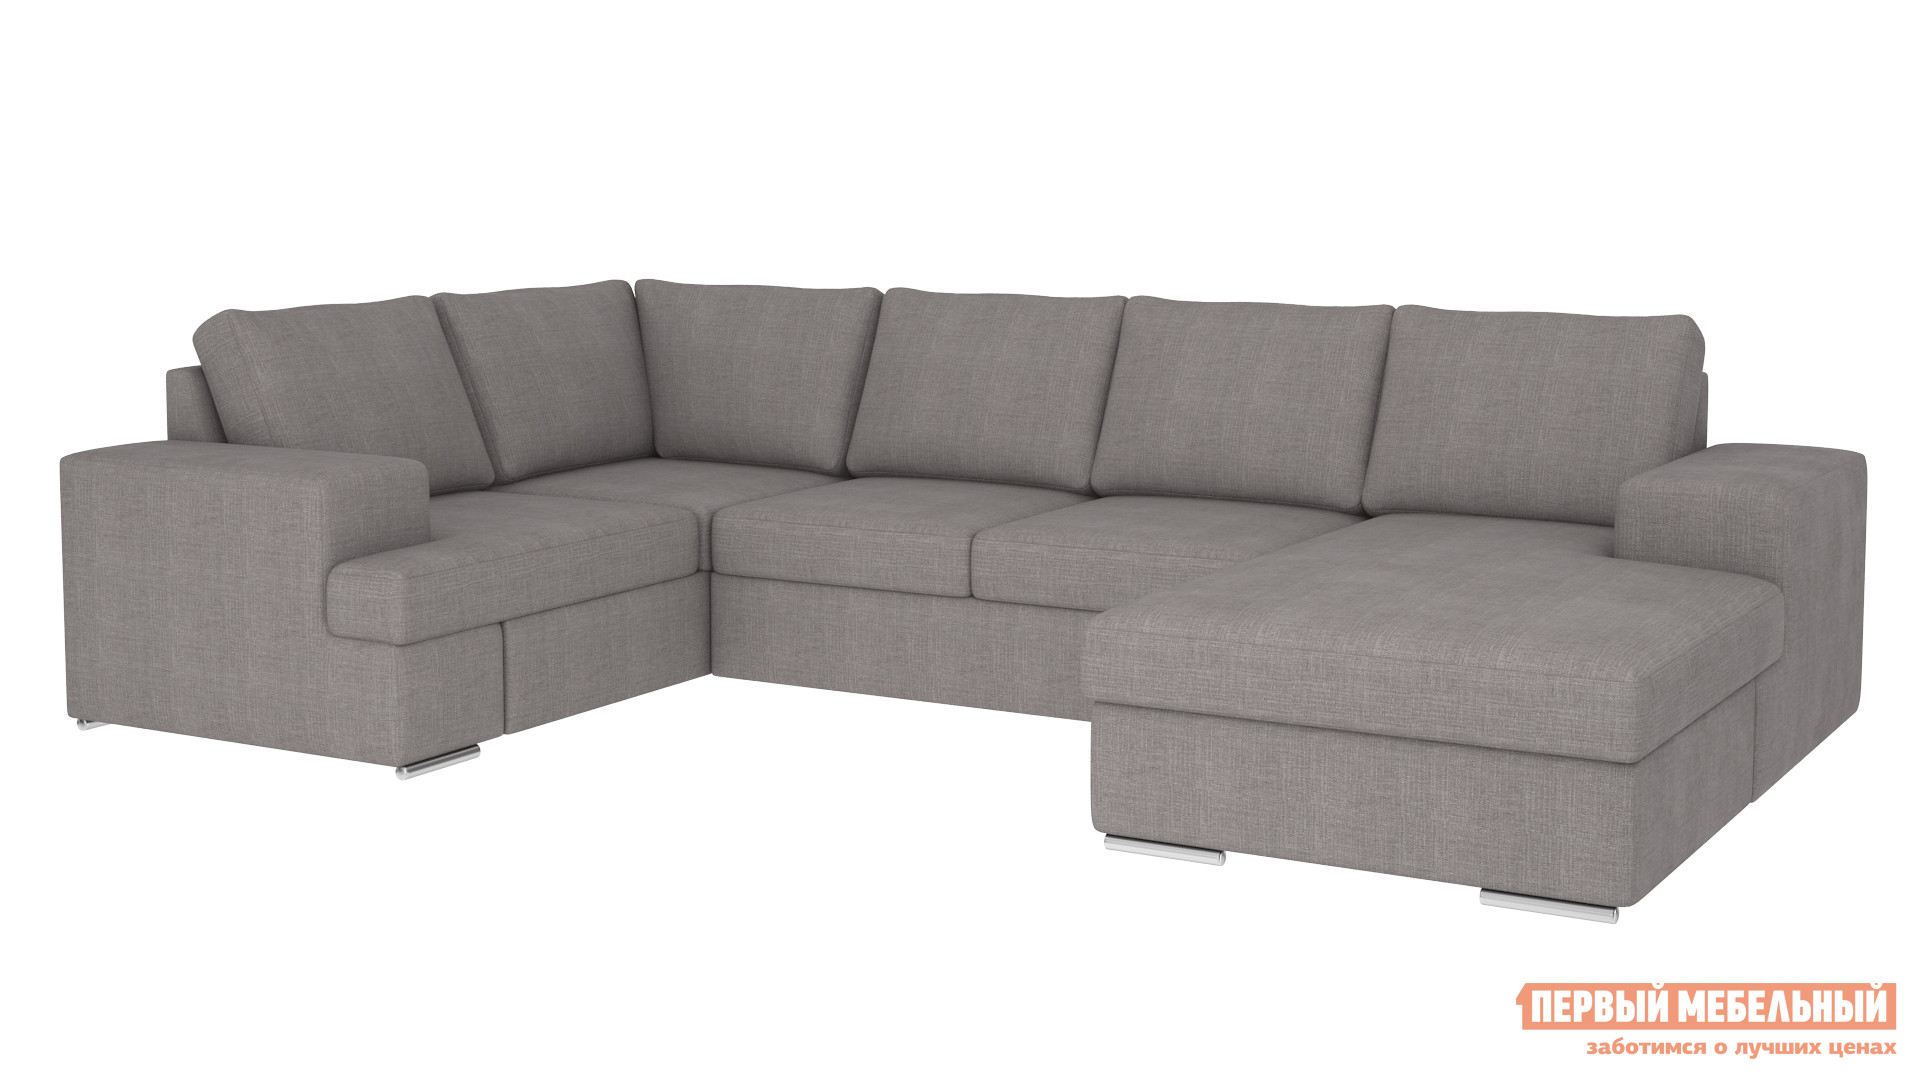 Угловой диван Первый Мебельный Диван Тетрис Комфорт П-образный угол шкаф угловой тетрис